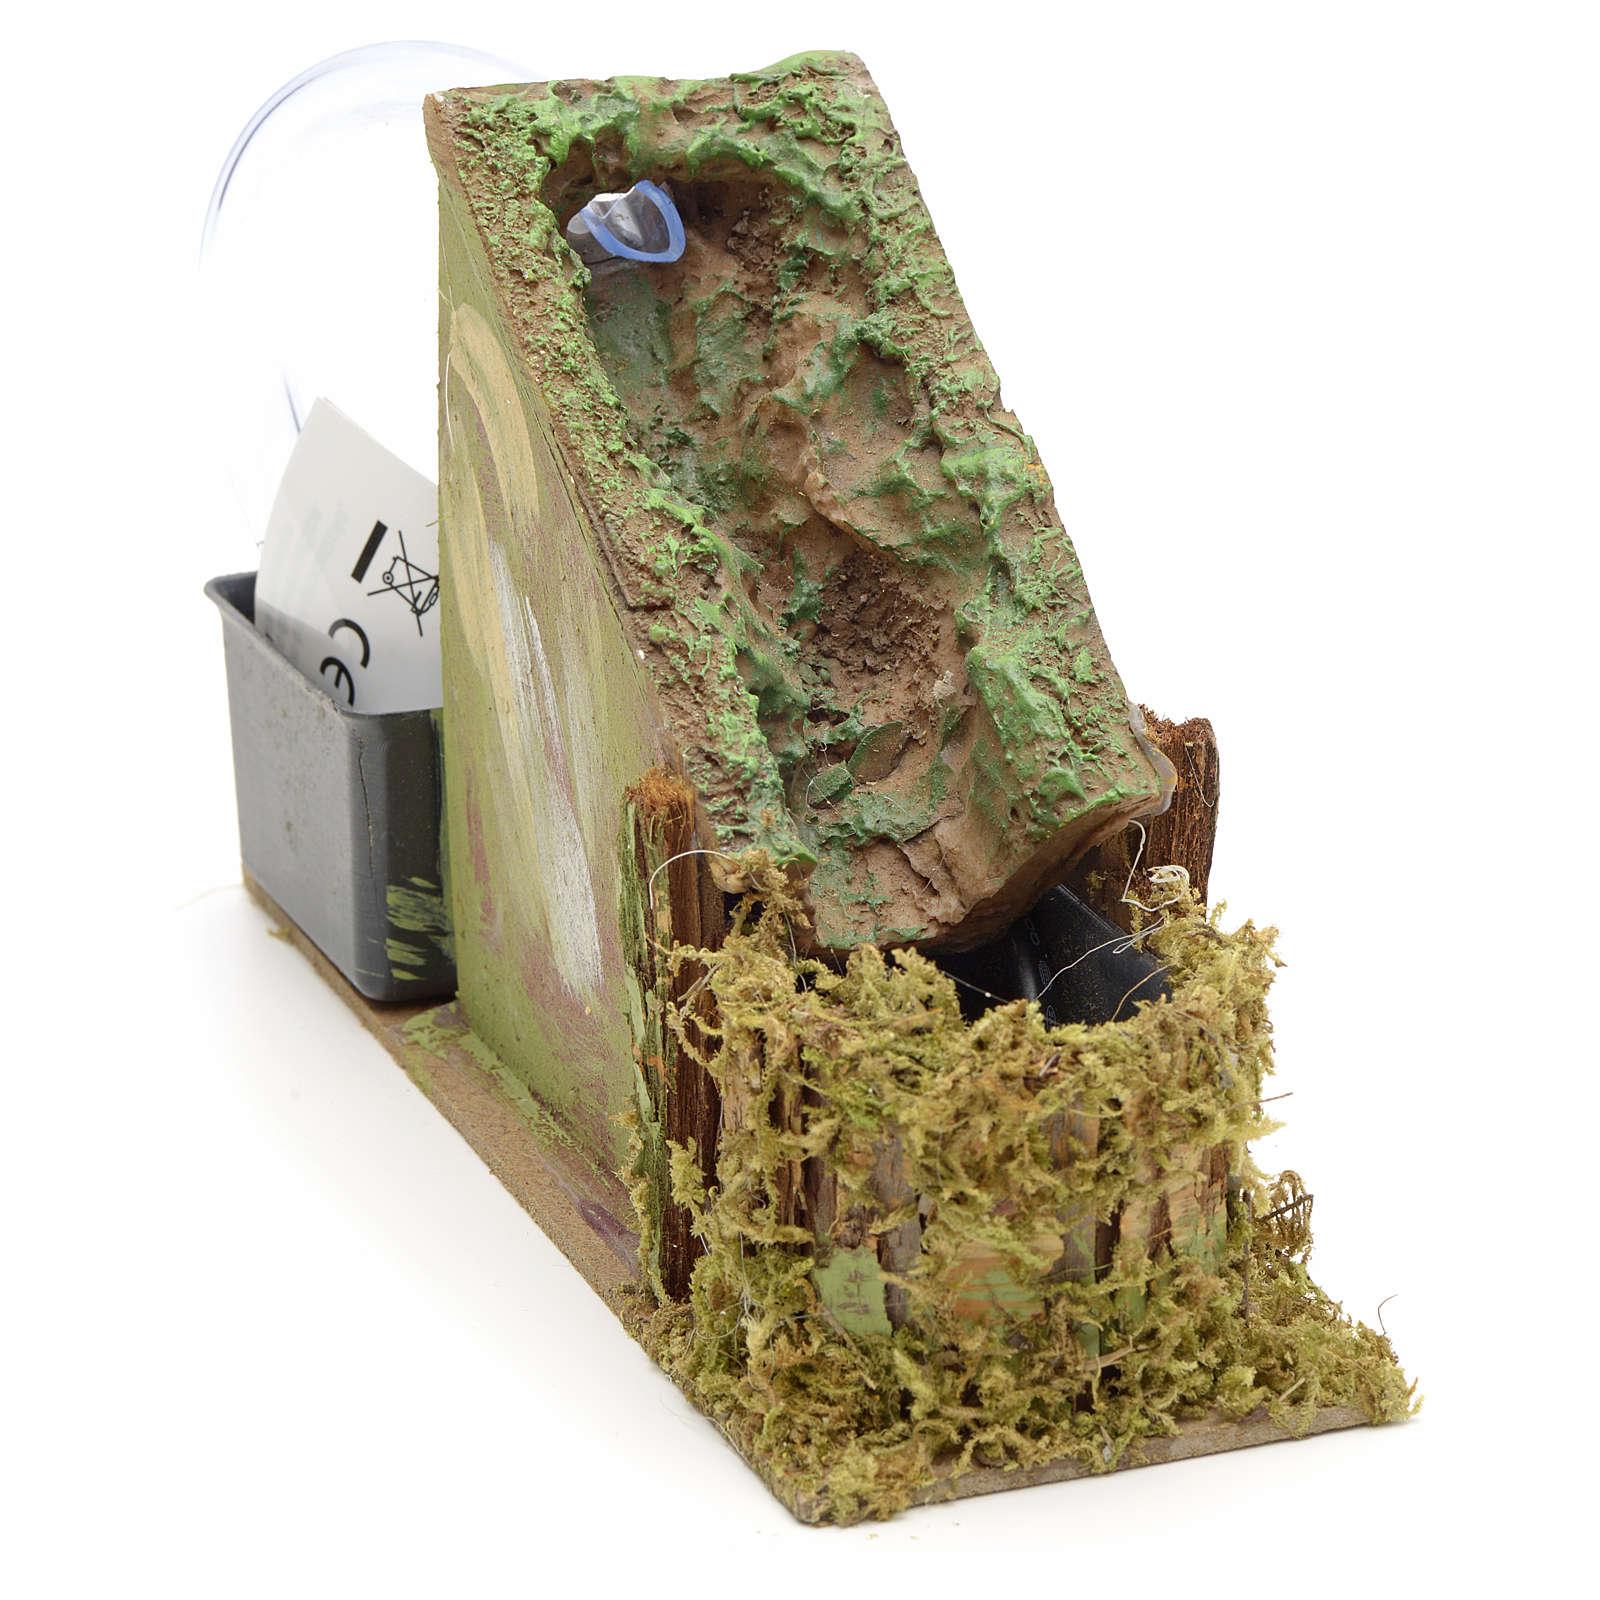 Cascade et ruisseau en miniature, résine 4